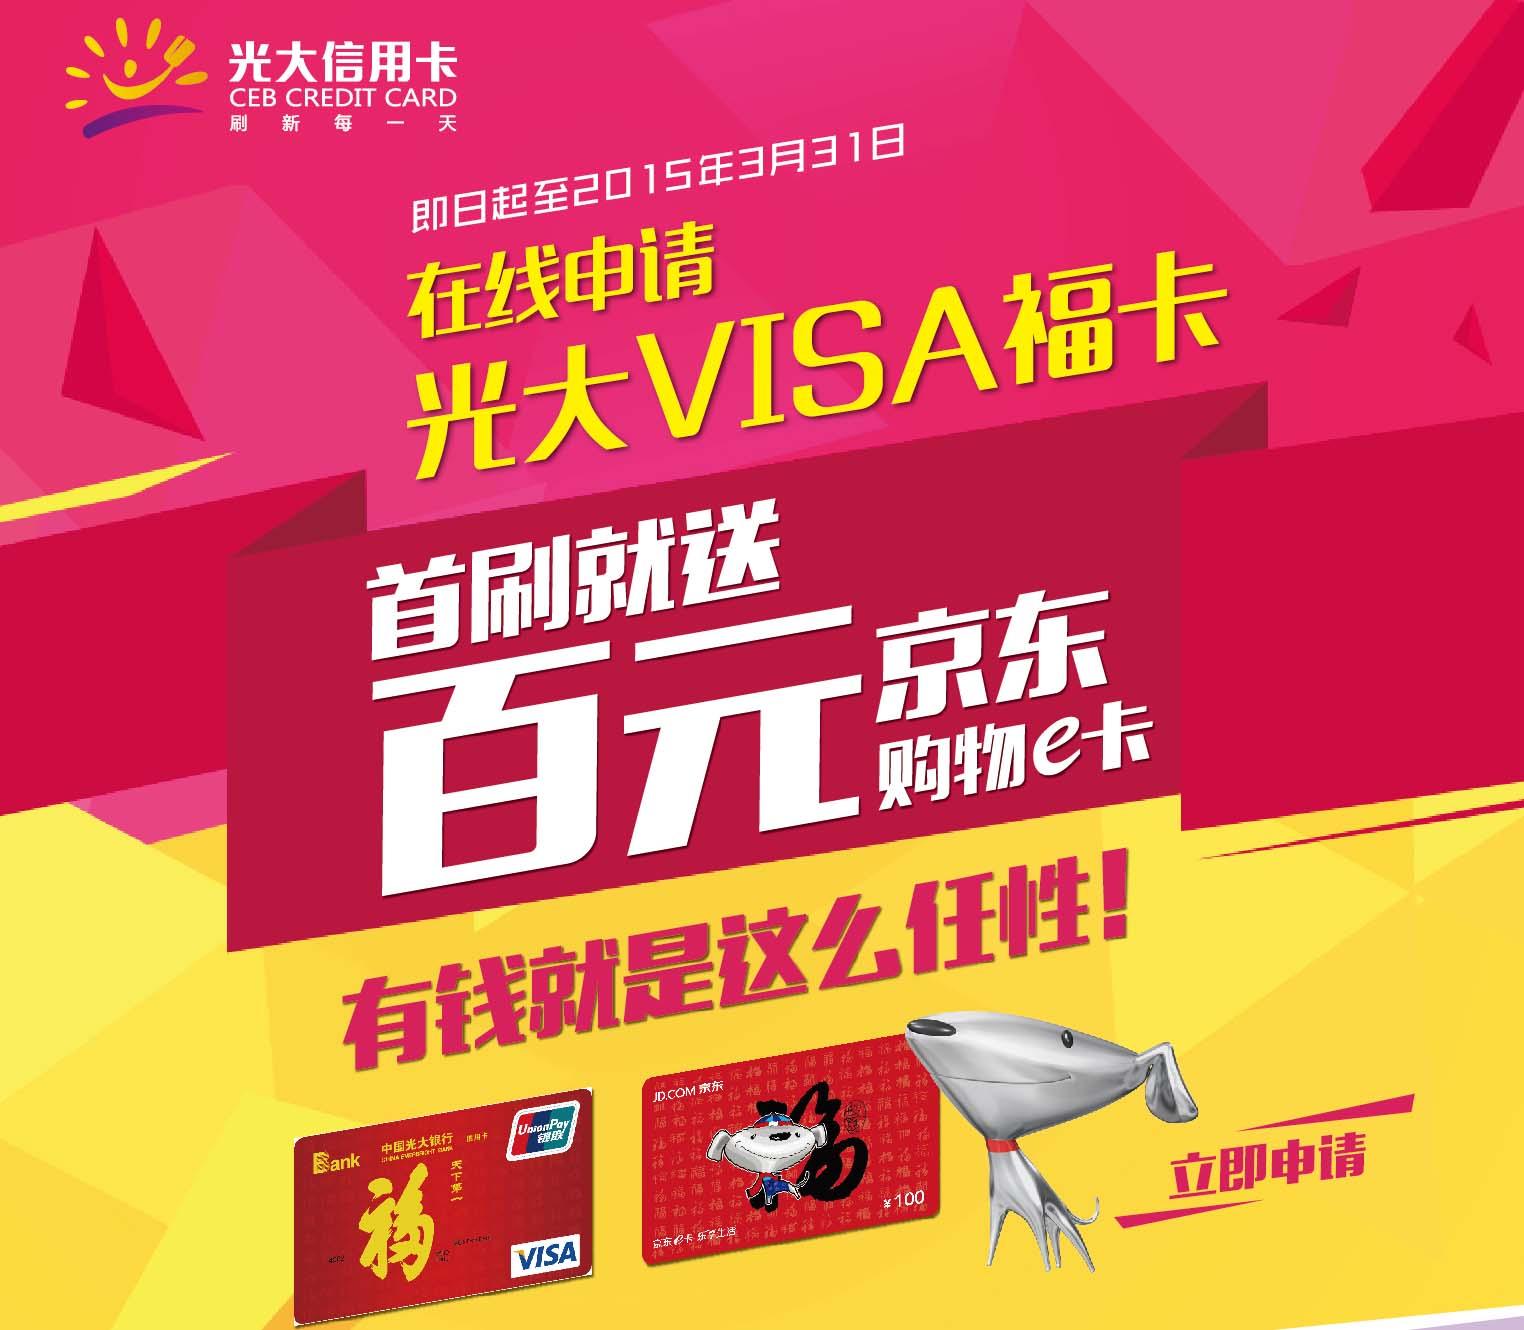 在线申请光大VISA福卡 首刷送京东购物e卡